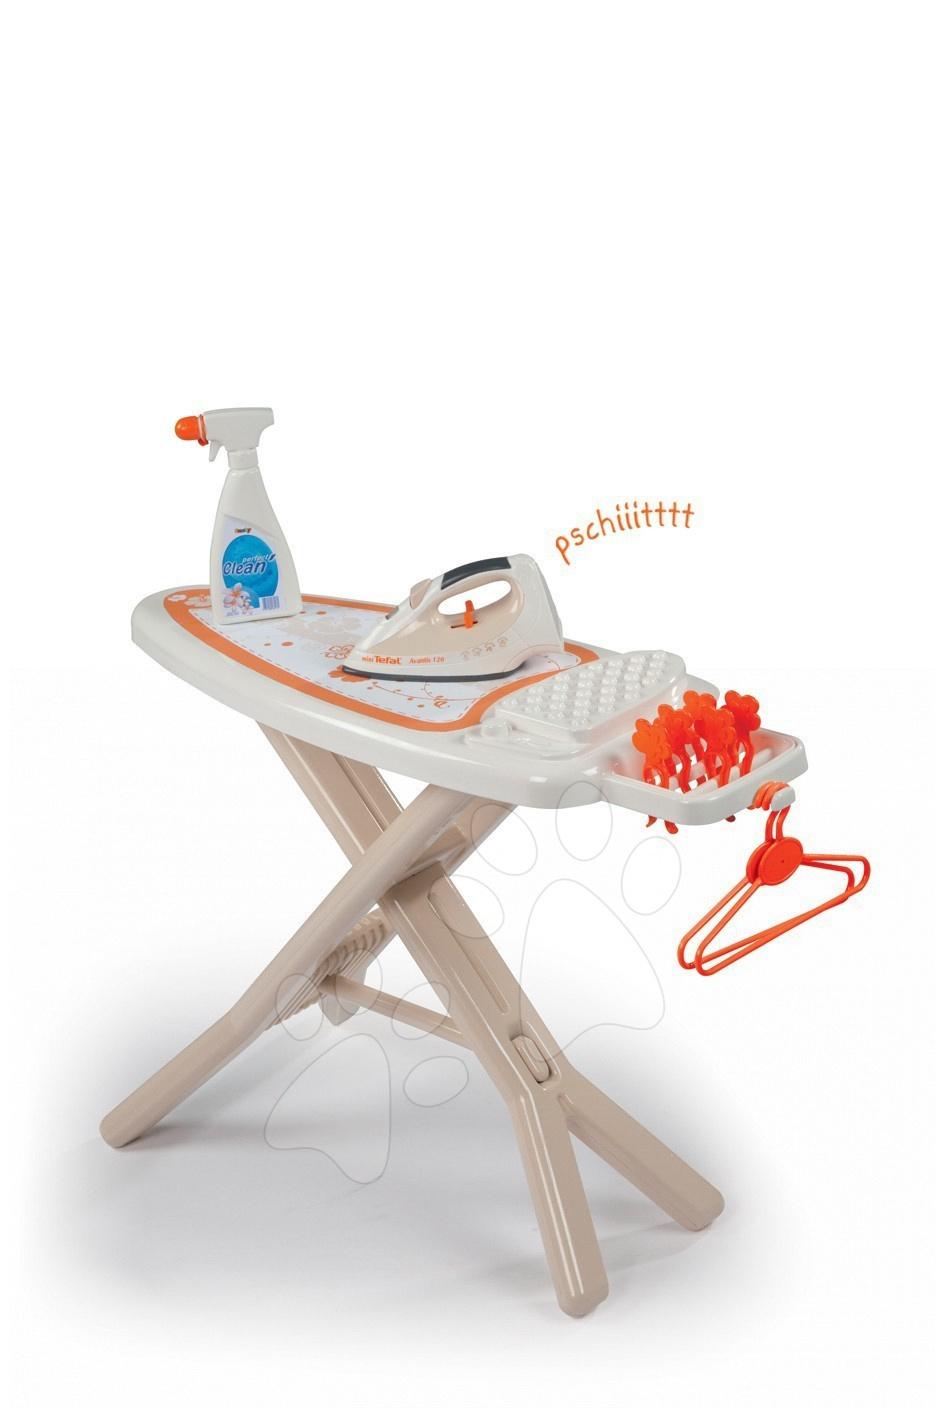 Jocuri de uz casnic - Masă de călcat Smoby cu călcător electronic Tefal cu 9 accesorii bej